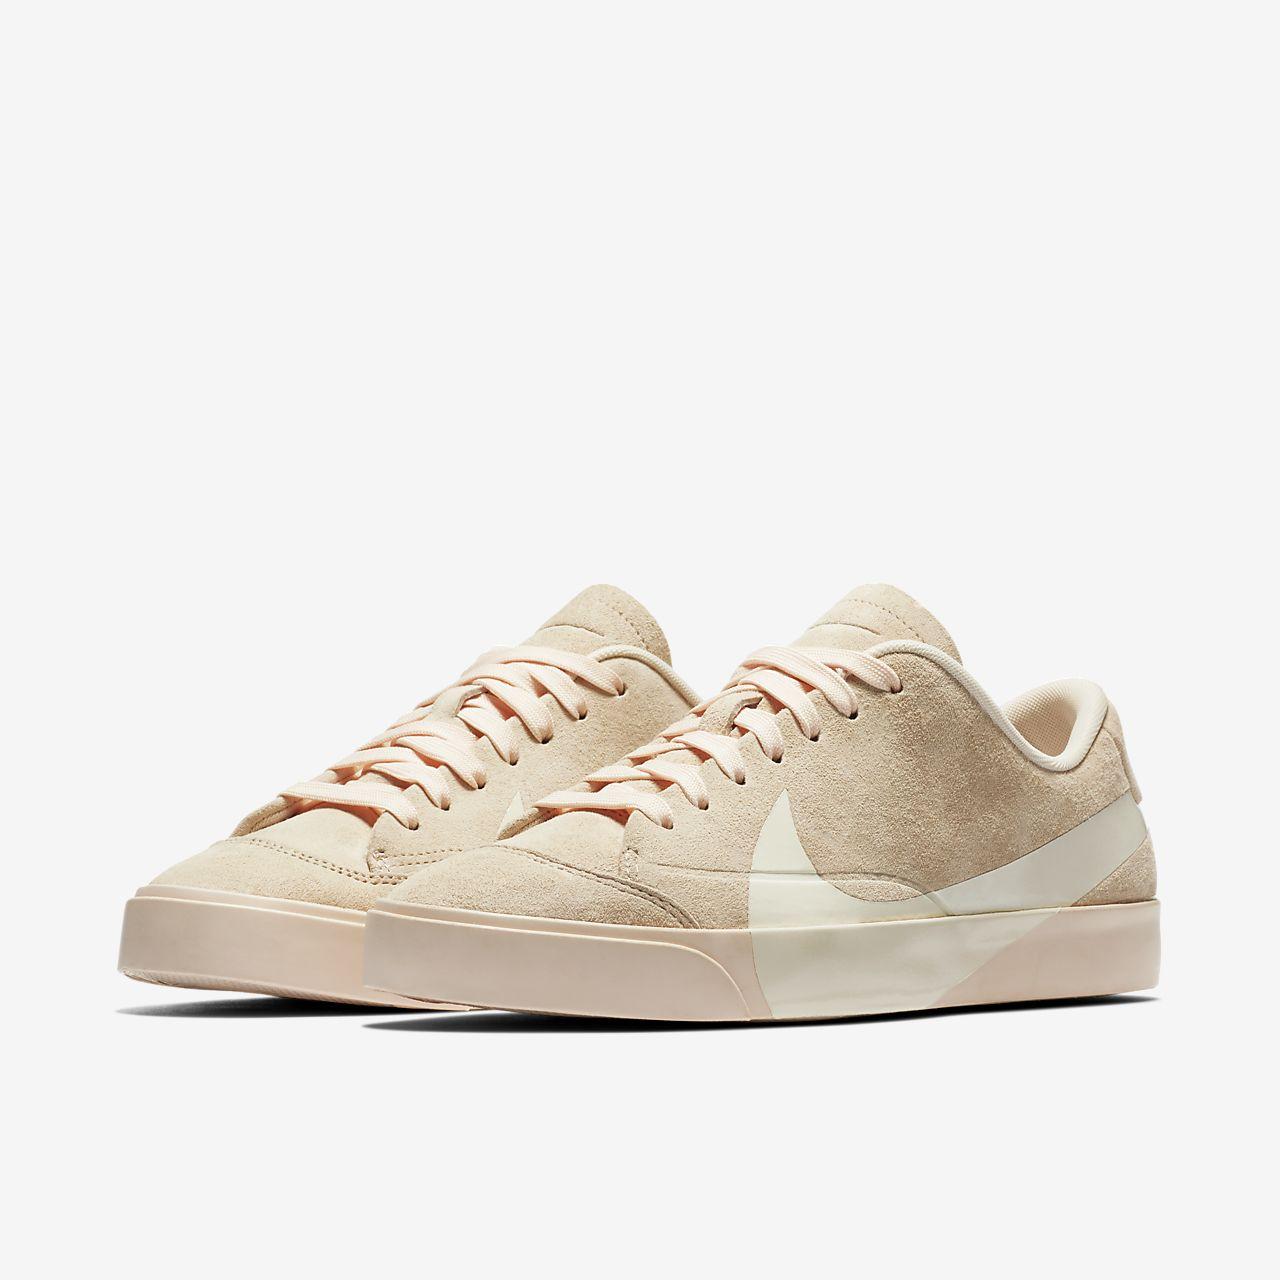 957114dfb78 Nike Blazer City Low LX Women s Shoe. Nike.com AU